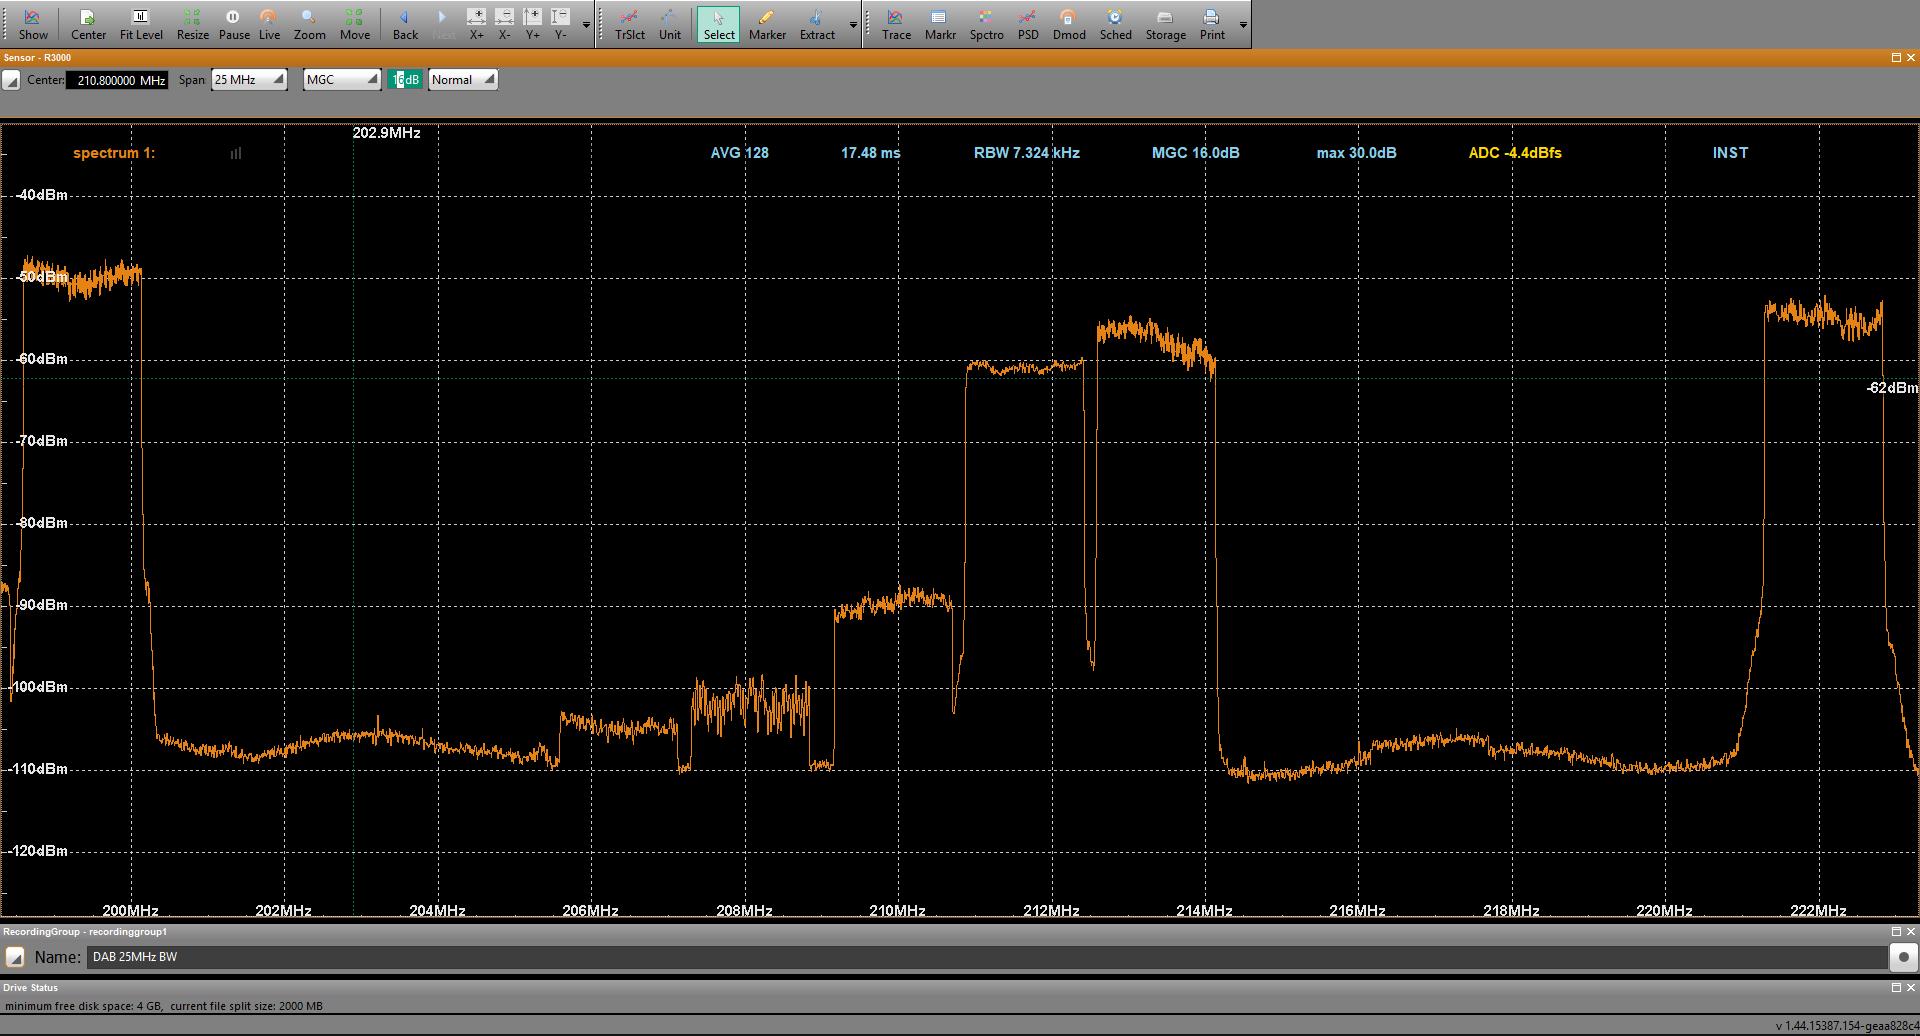 IZT R3000 Recorder DAB signal 25 MHz